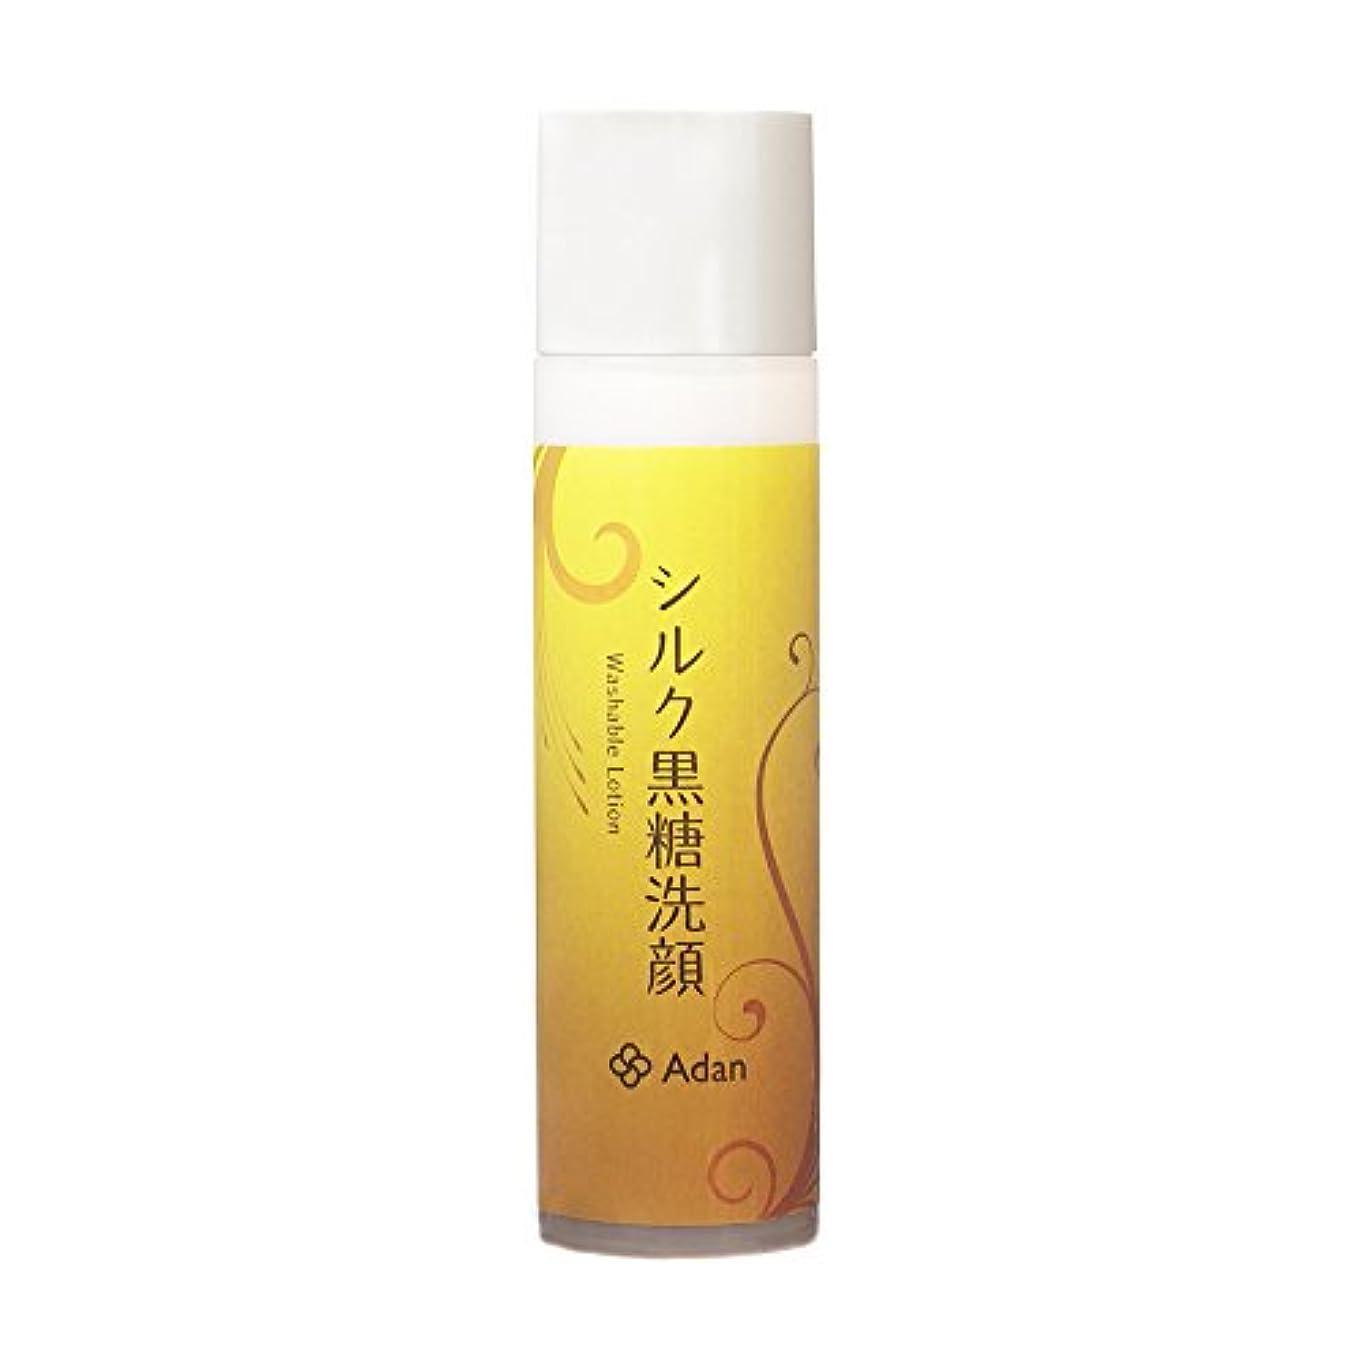 浮くラッドヤードキップリング寛大なAdan(アーダン) シルク黒糖洗顔(ウォッシャブルローション) 120ml